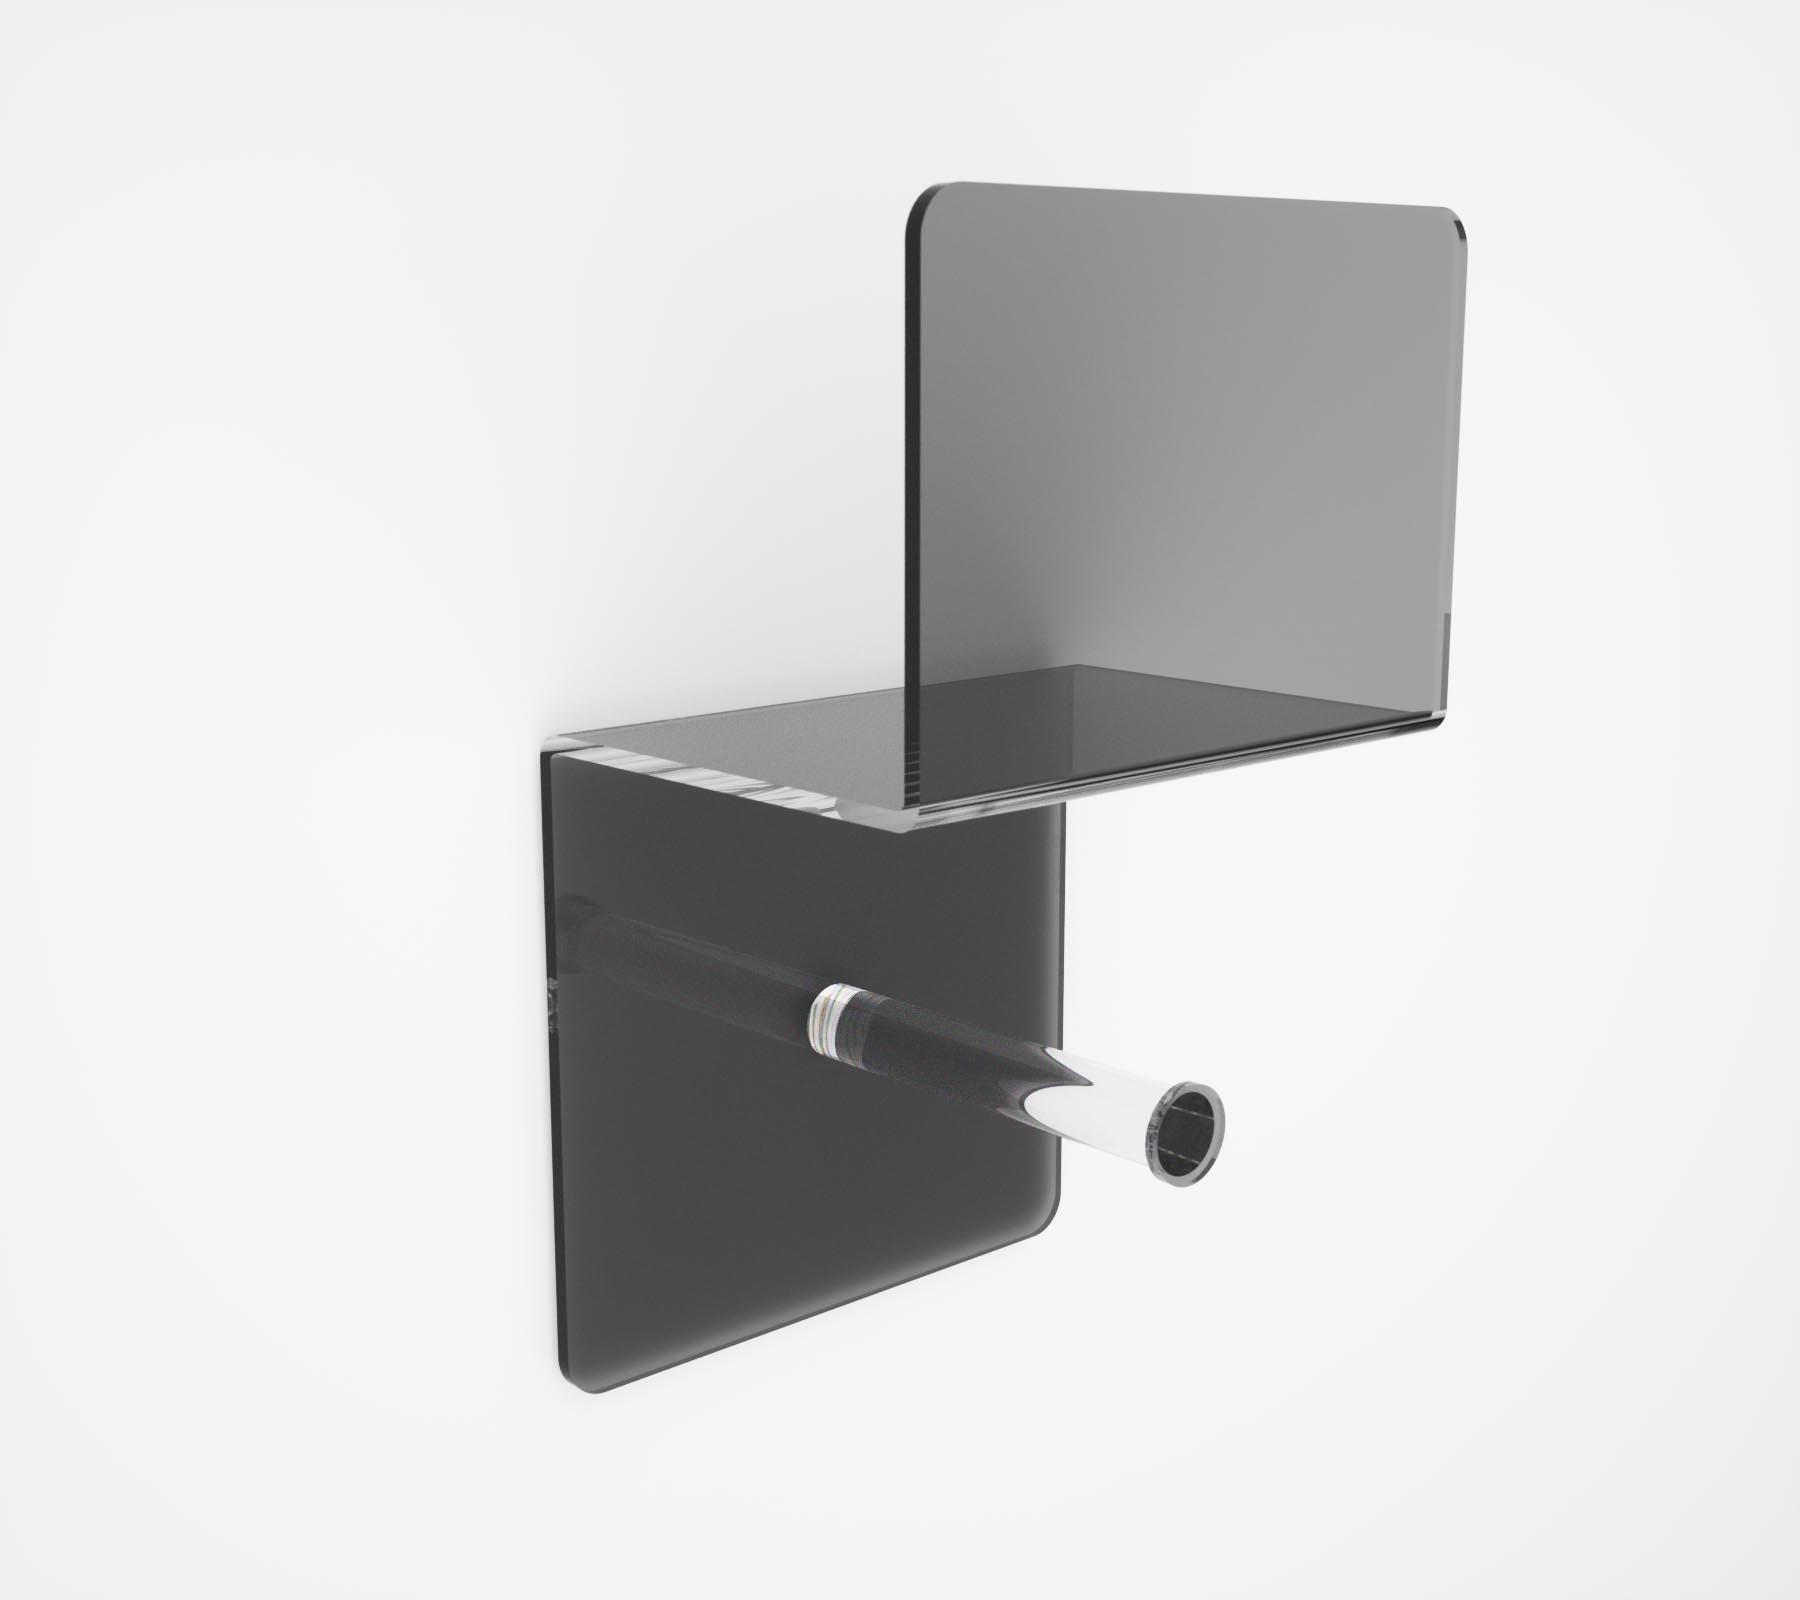 c372c0e0d0 Portarotolo in plexiglass serie Folio moderno ed elegante